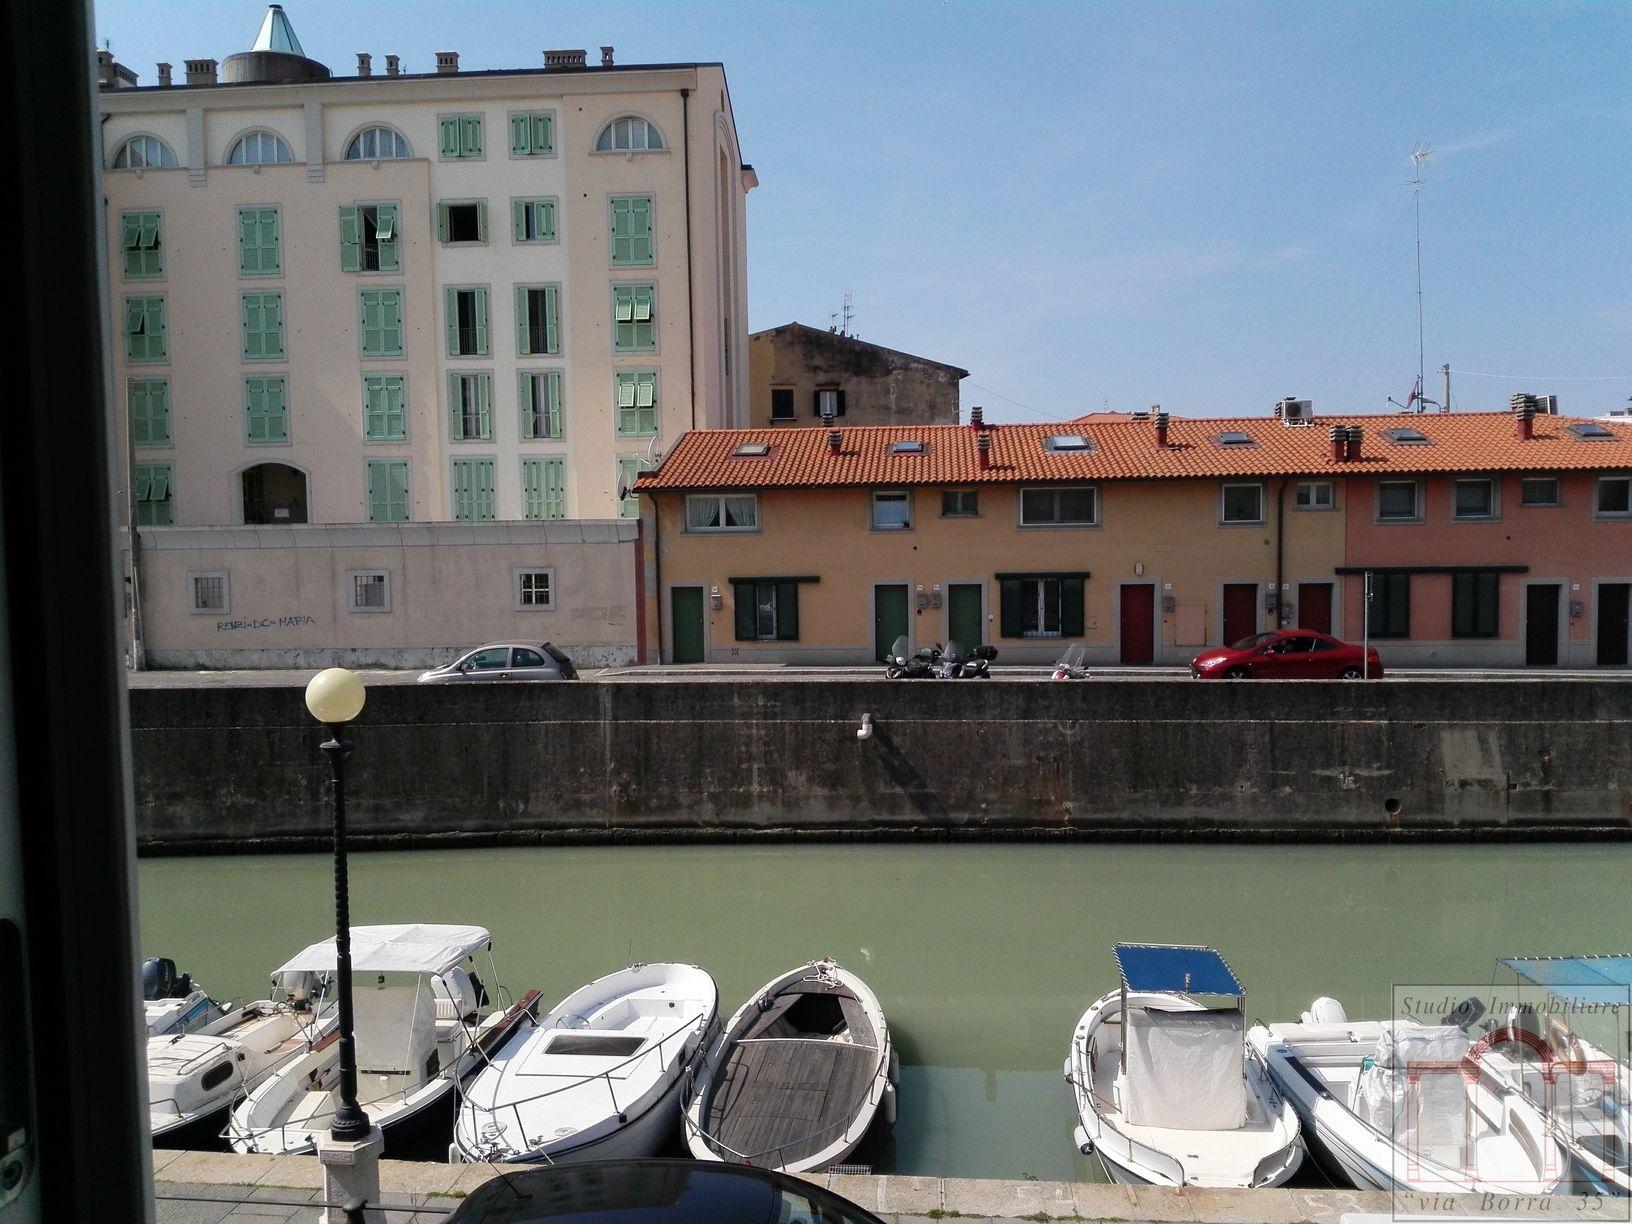 Appartamento in vendita a Livorno, 4 locali, zona Località: Centrostorico, prezzo € 270.000 | Cambio Casa.it